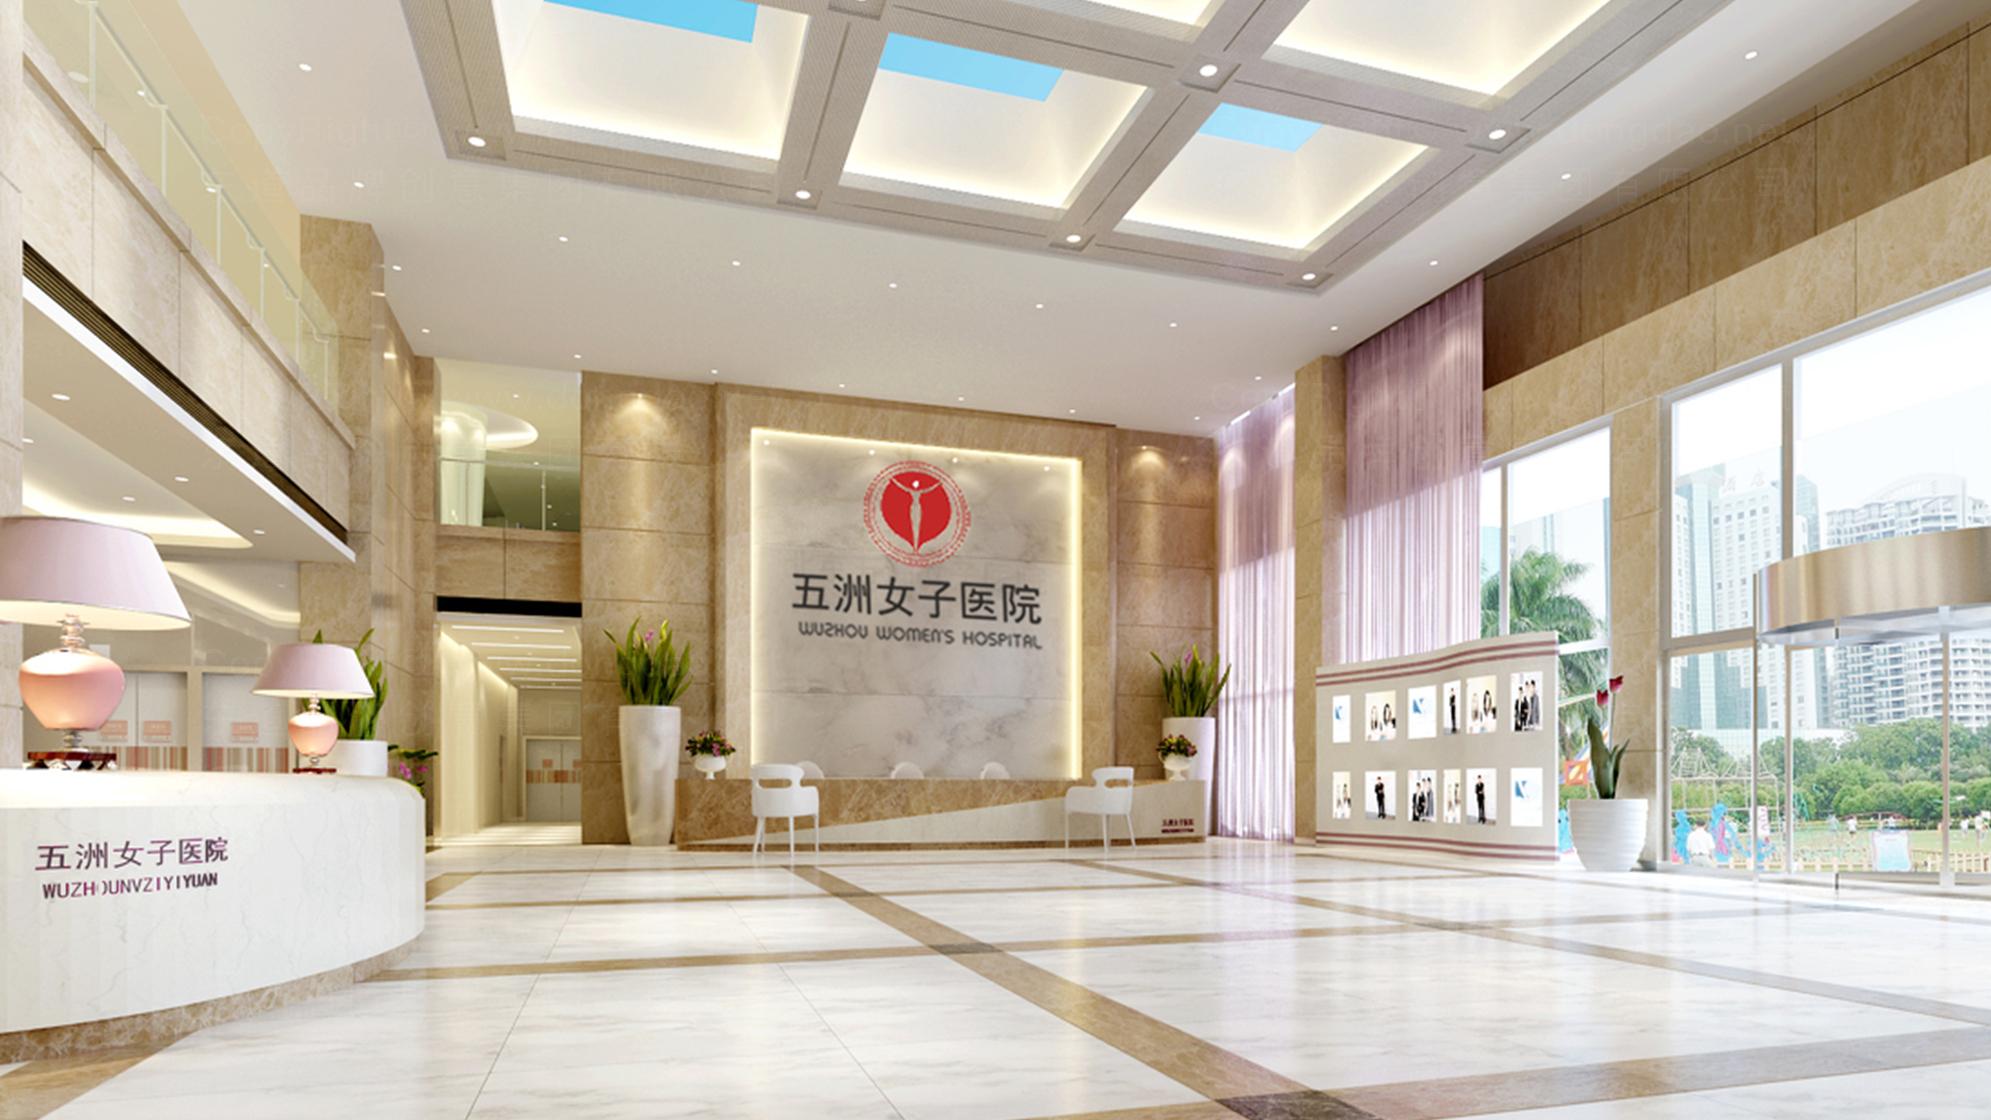 品牌设计北京五洲女子医院LOGO&VI设计应用场景_3